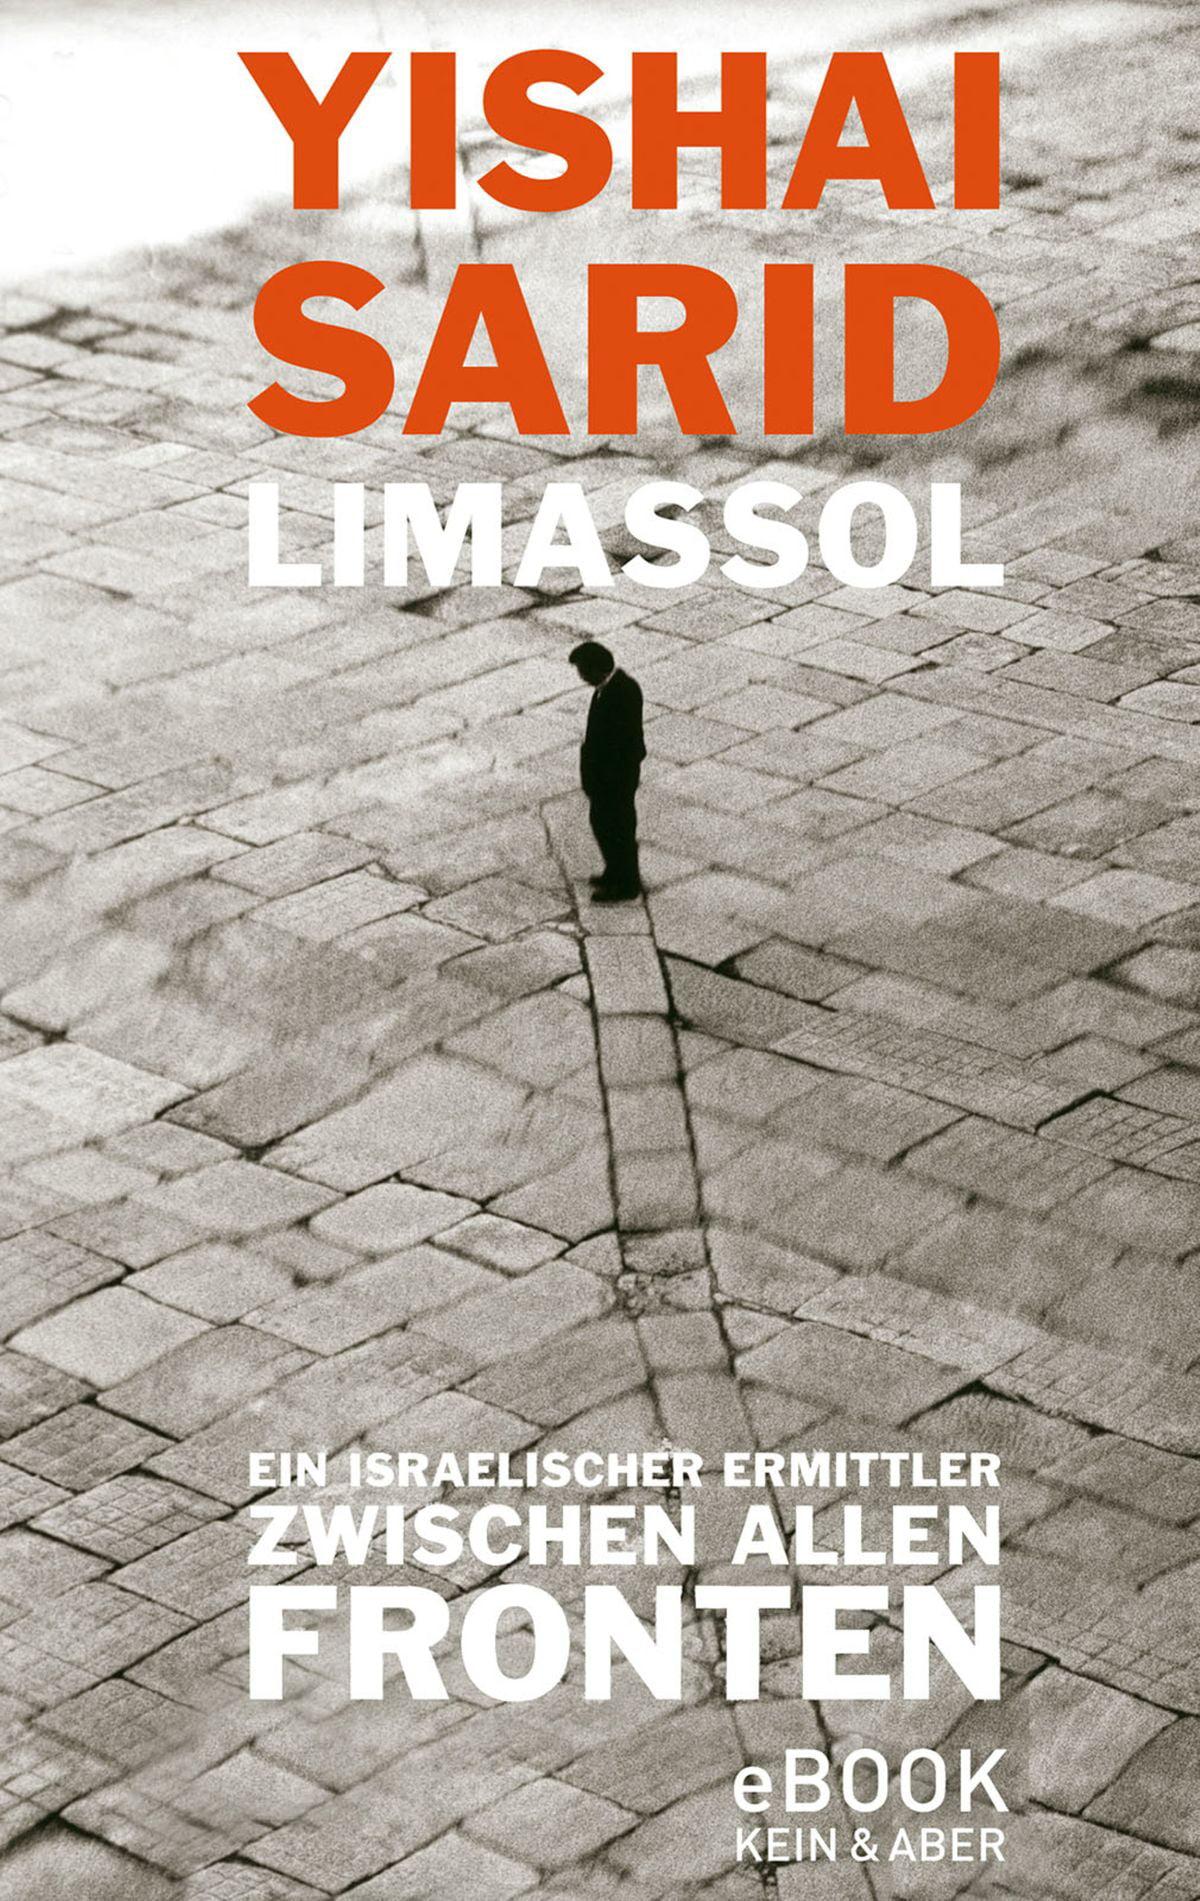 Limassol - eBook - Walmart.com - Walmart.com